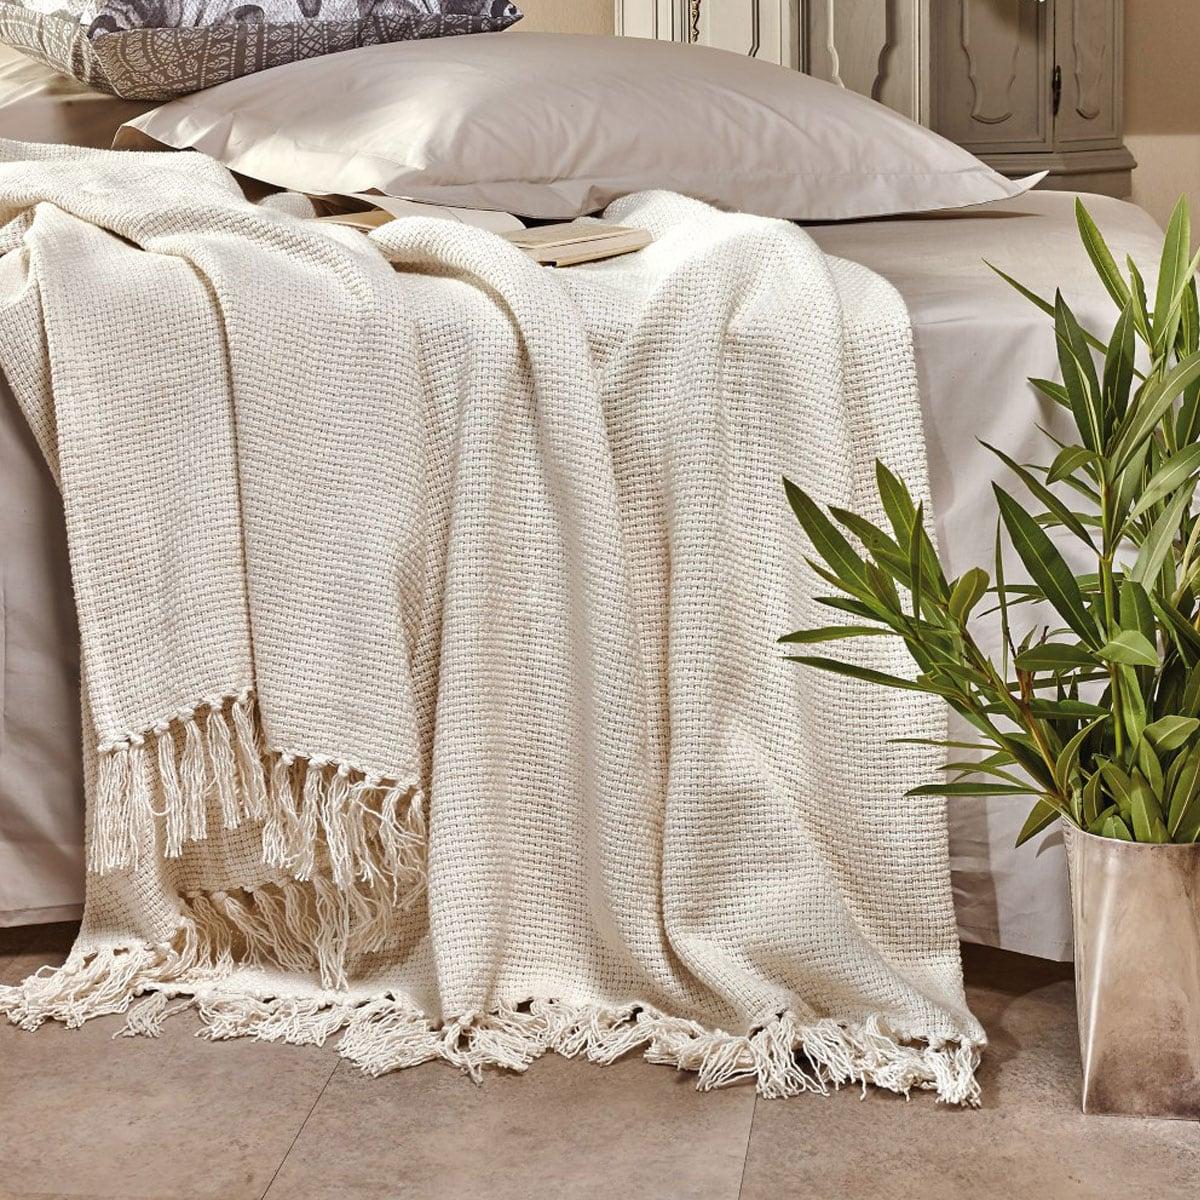 Κουβέρτα Rome 12 Ivory Kentia Μονό 160x240cm